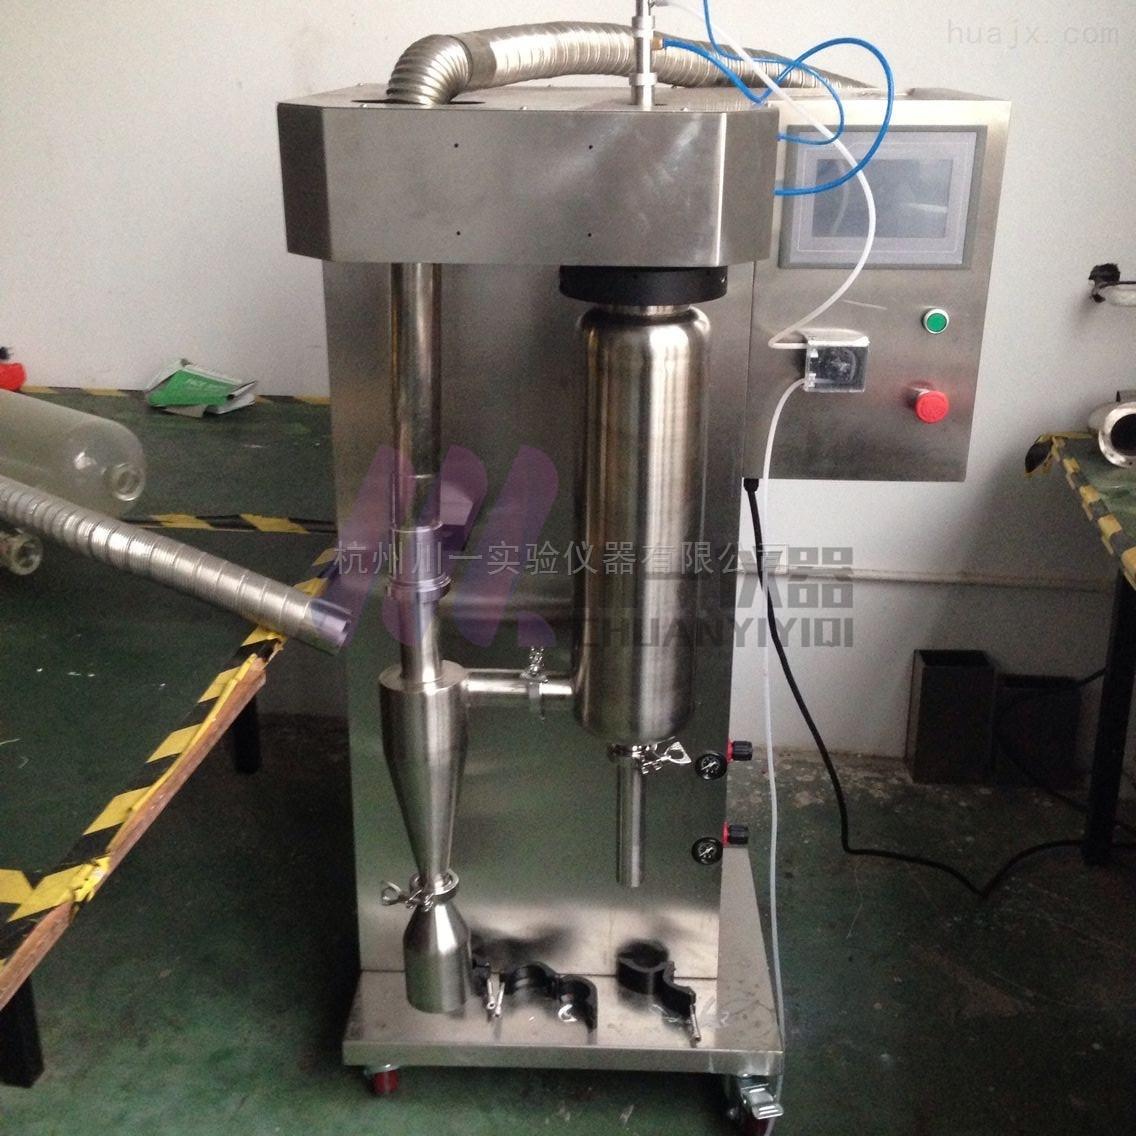 实验室小型喷雾干燥机CY-8000Y高温化造?;?/><p>摘要:实验室小型喷雾干燥机CY-8000Y高温化造?;?a href=